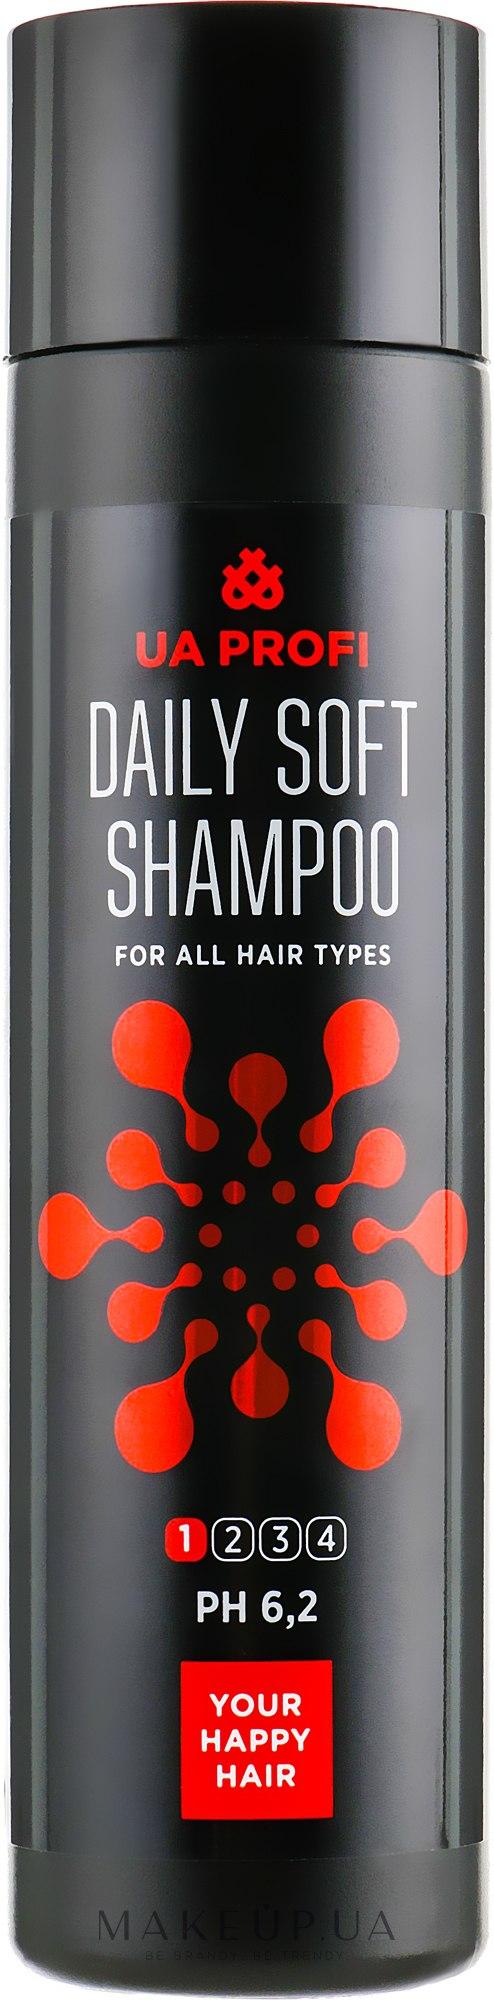 """Шампунь """"Ежедневный мягкий"""" для всех типов волос - UA Profi Daily Soft Shampoo 1 Ph 6,2 — фото 250ml"""